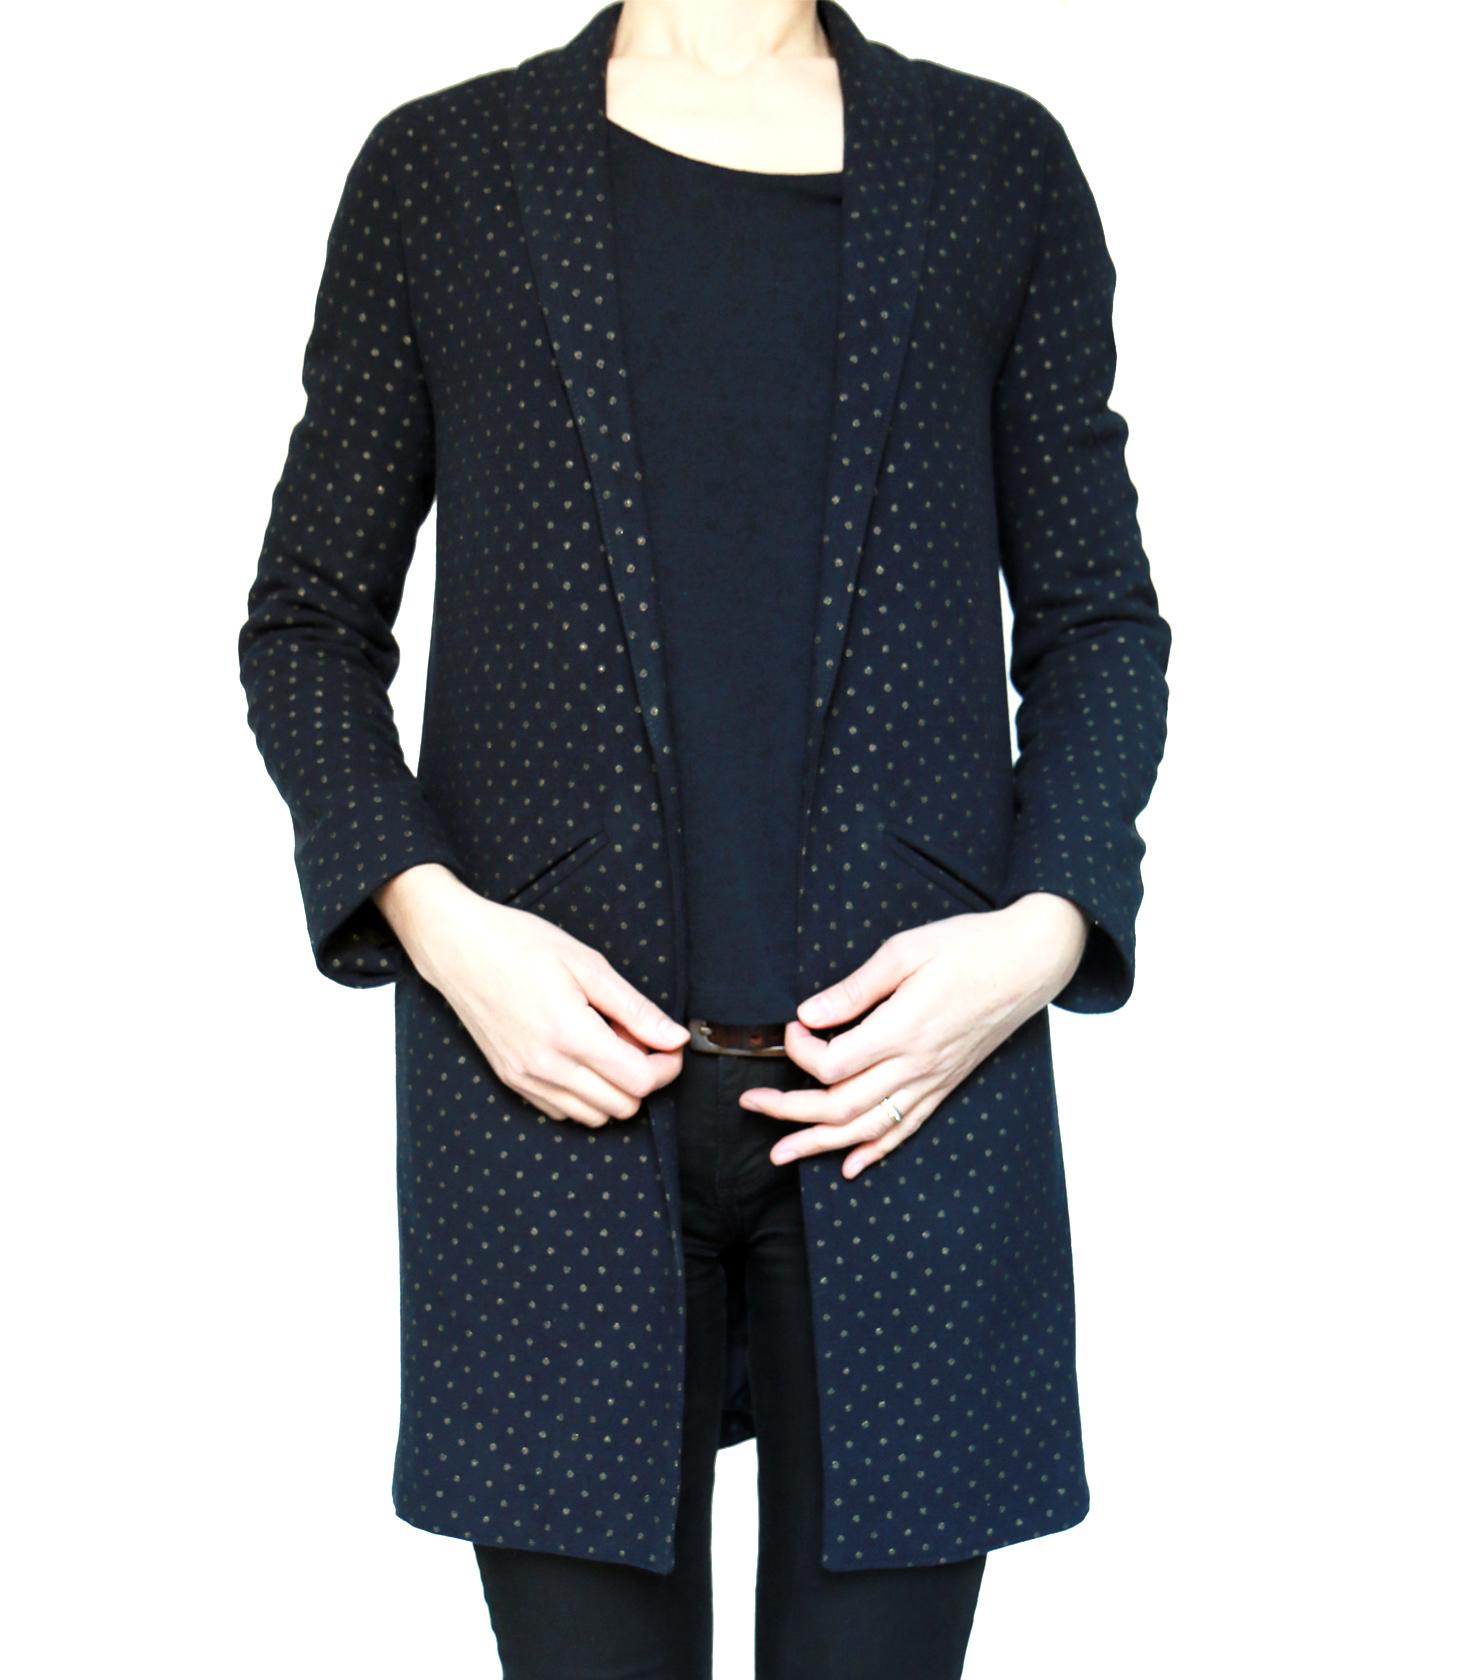 quel lainage pour le manteau france duval stalla atelier scammit. Black Bedroom Furniture Sets. Home Design Ideas